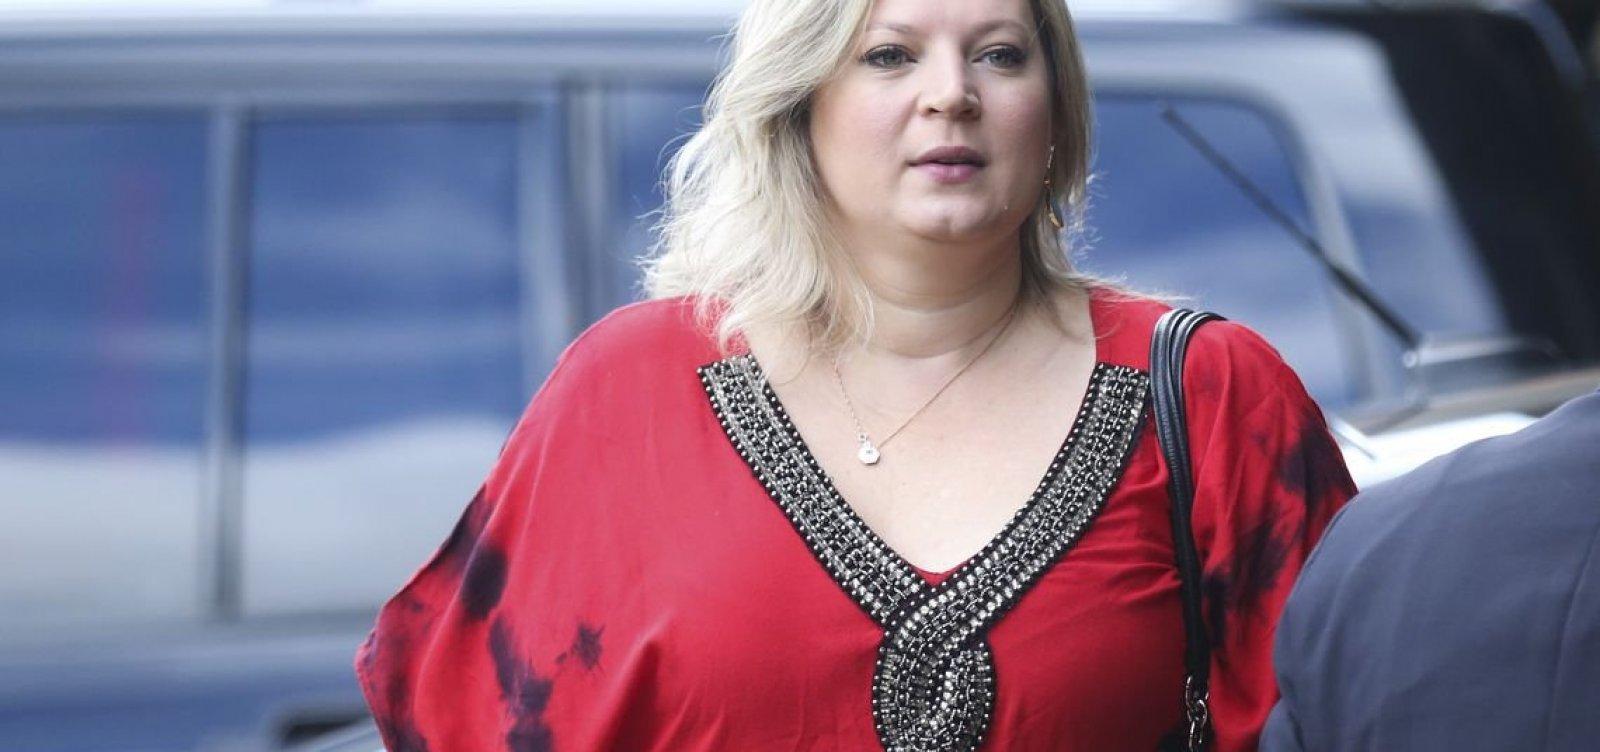 ['Ameaça é crime', diz Joice Hasselmann sobre denúncias contra ministro do Turismo]